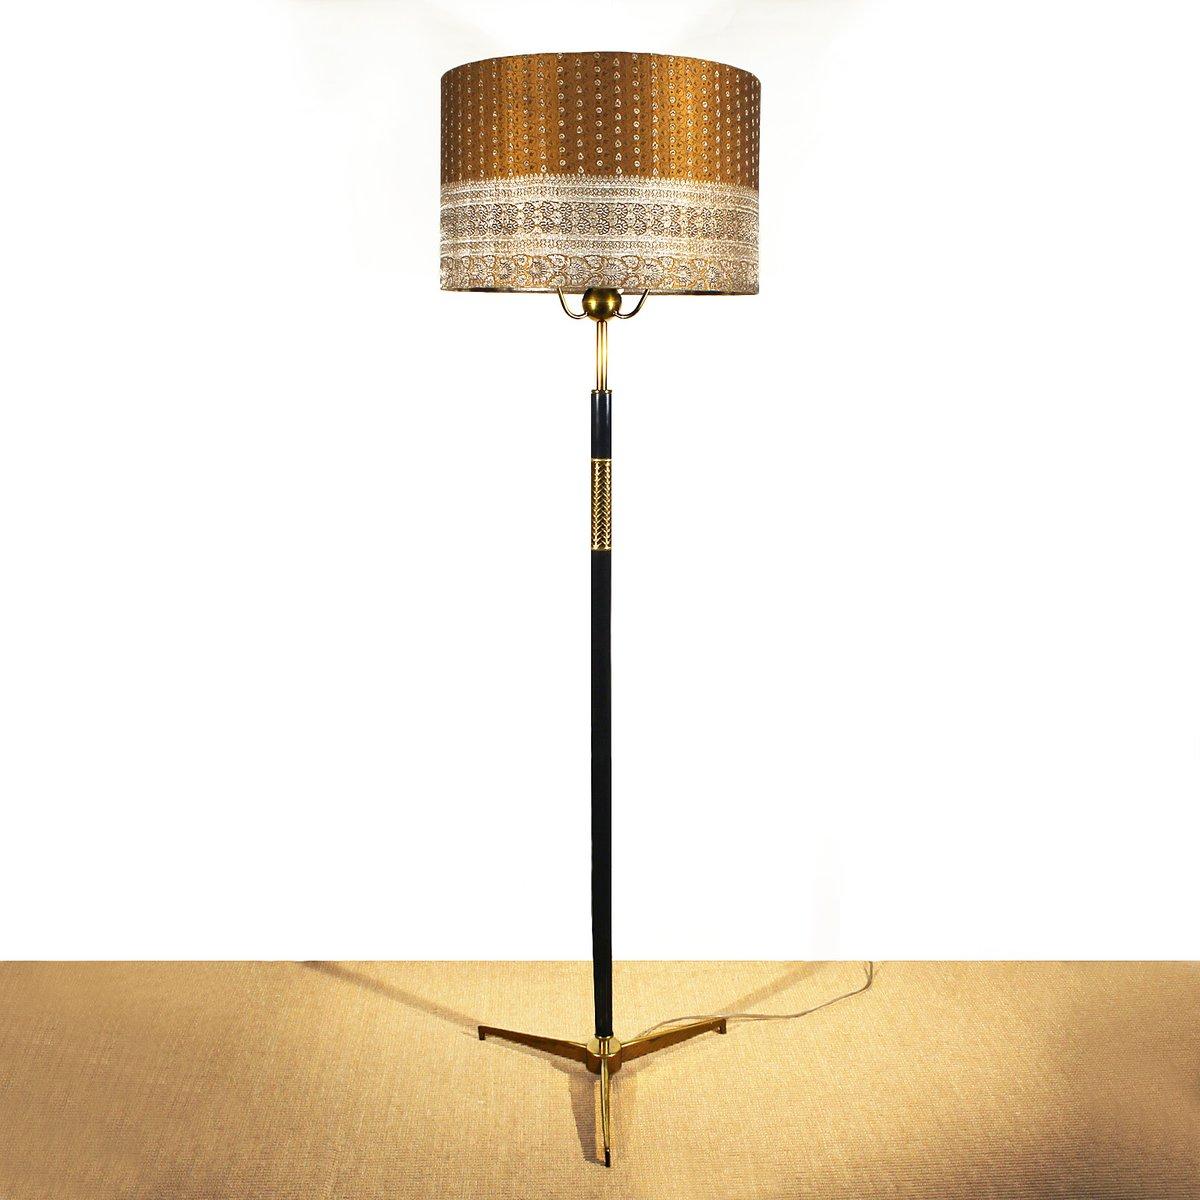 italienische stehlampe mit lampenschirm aus seide 1940er bei pamono kaufen. Black Bedroom Furniture Sets. Home Design Ideas